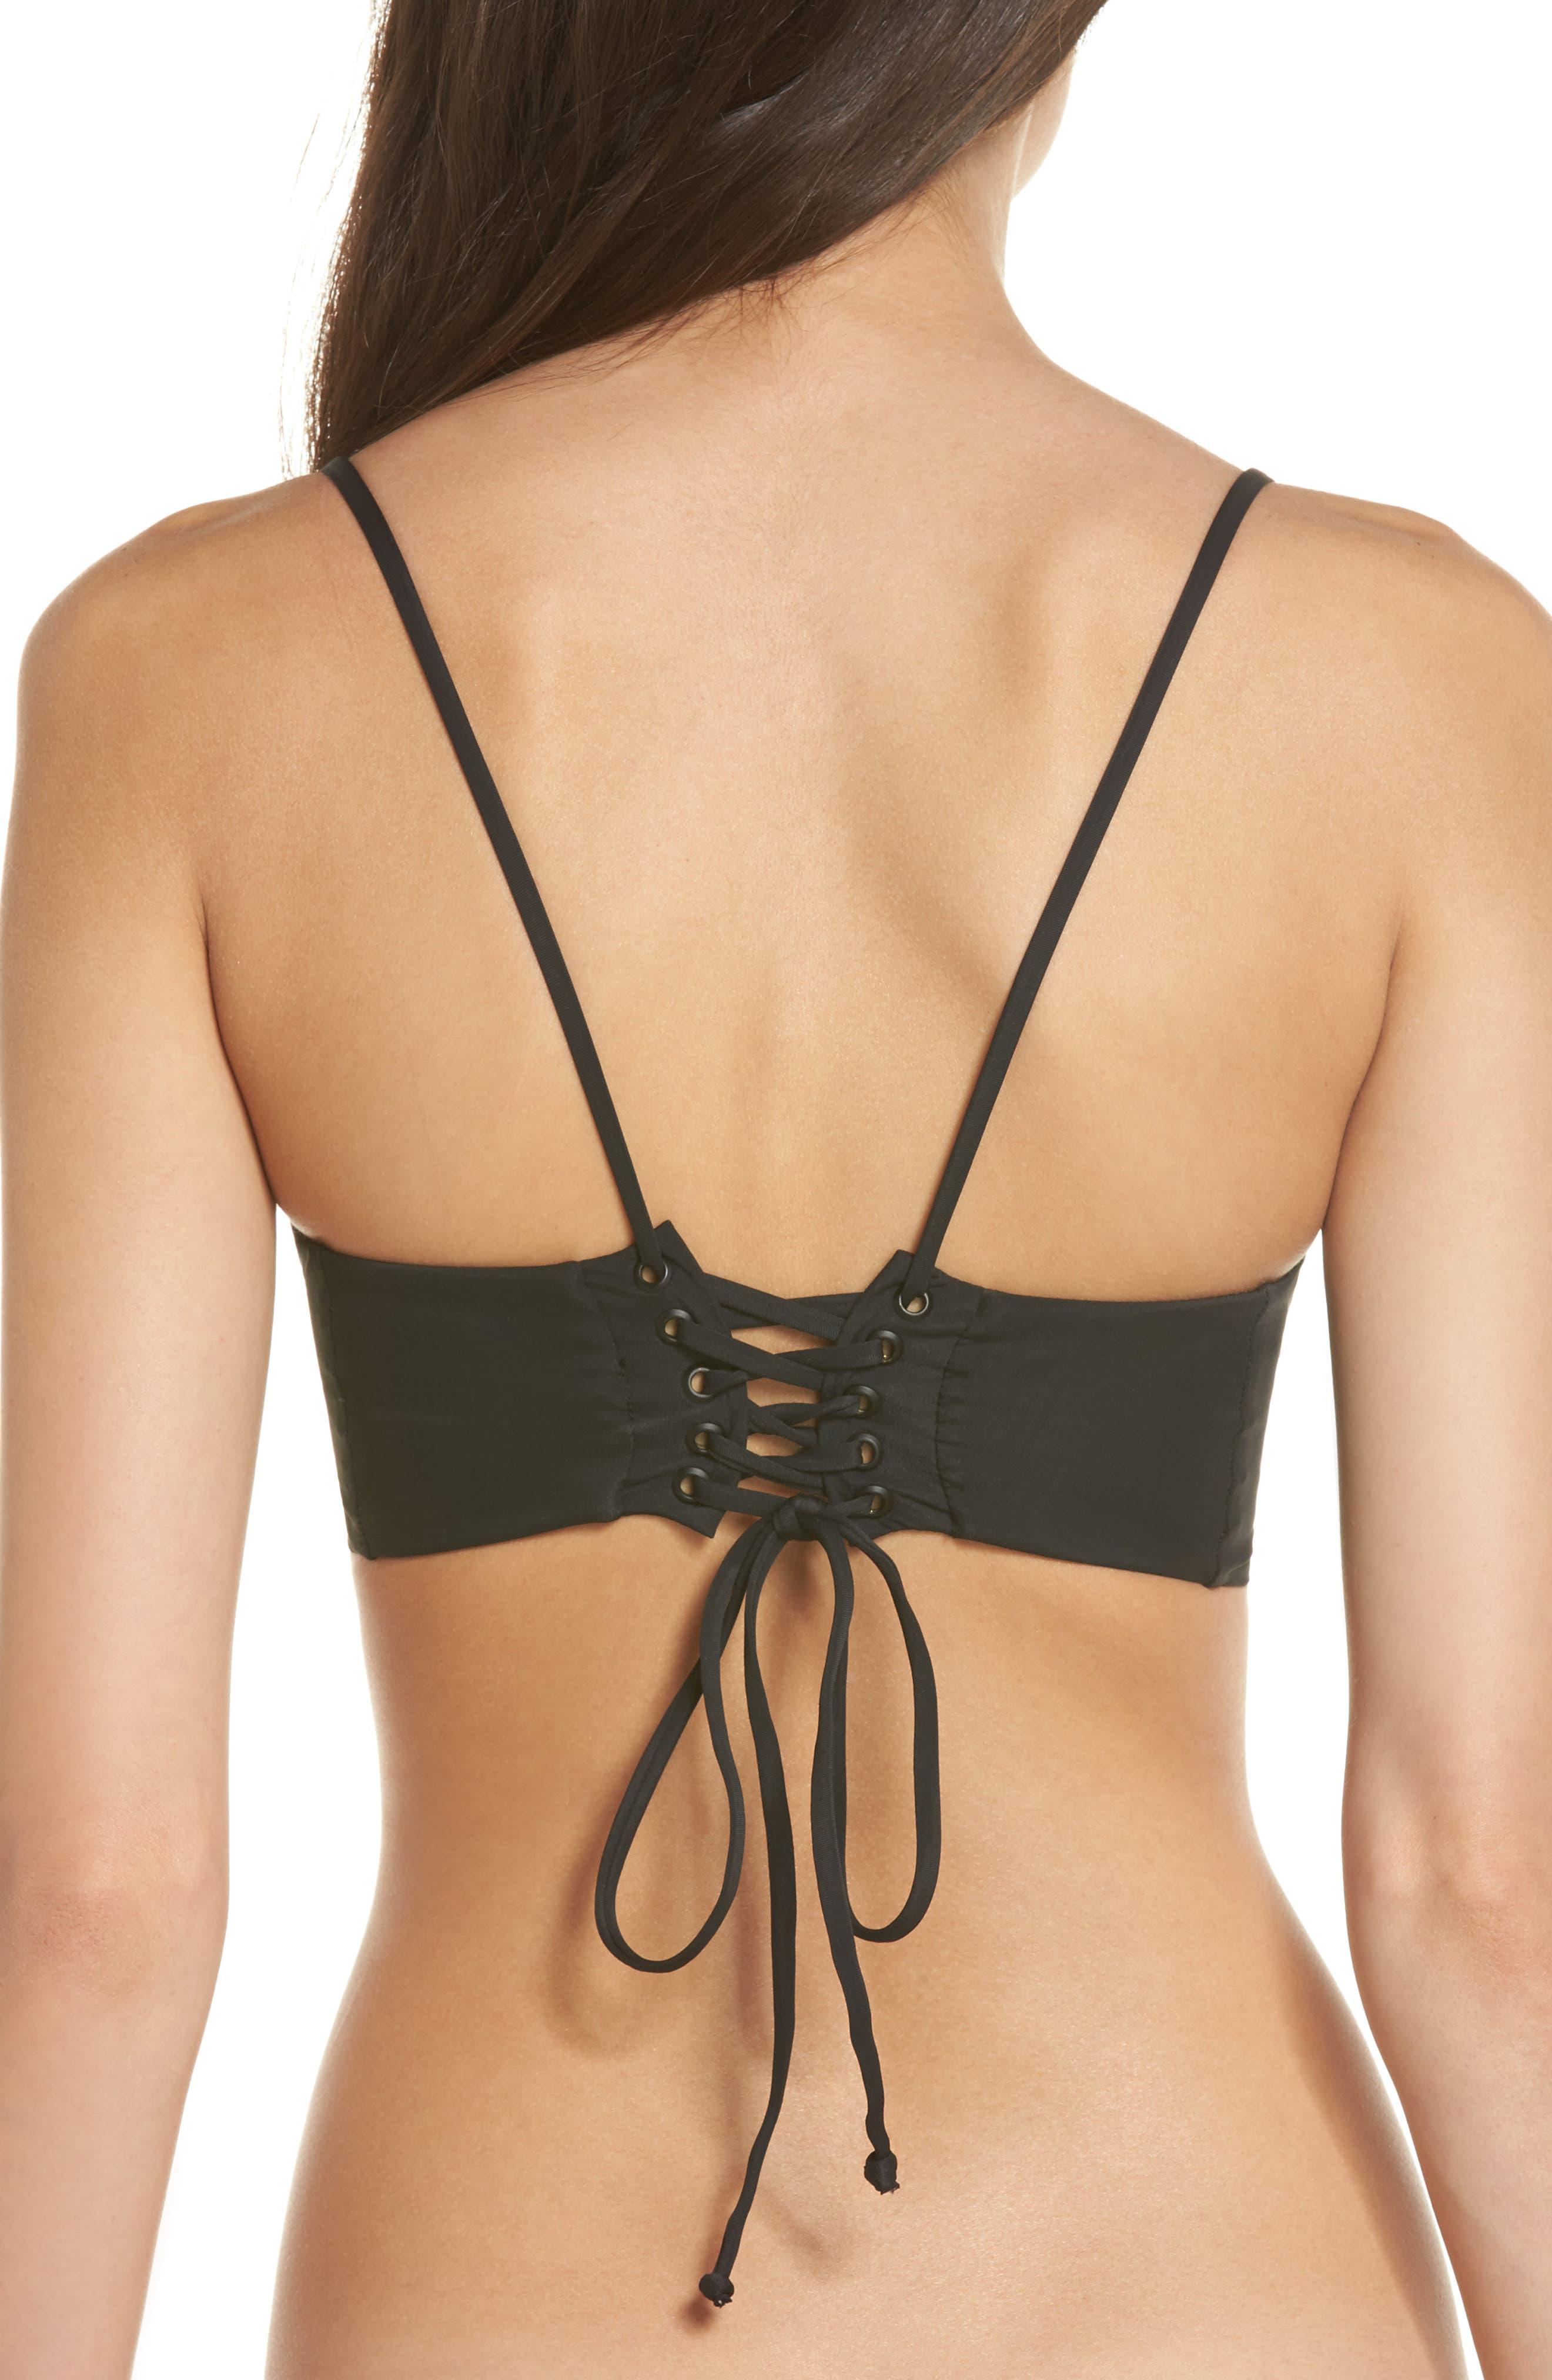 Ms. Jackson Bikini Top,                             Alternate thumbnail 2, color,                             BLACK